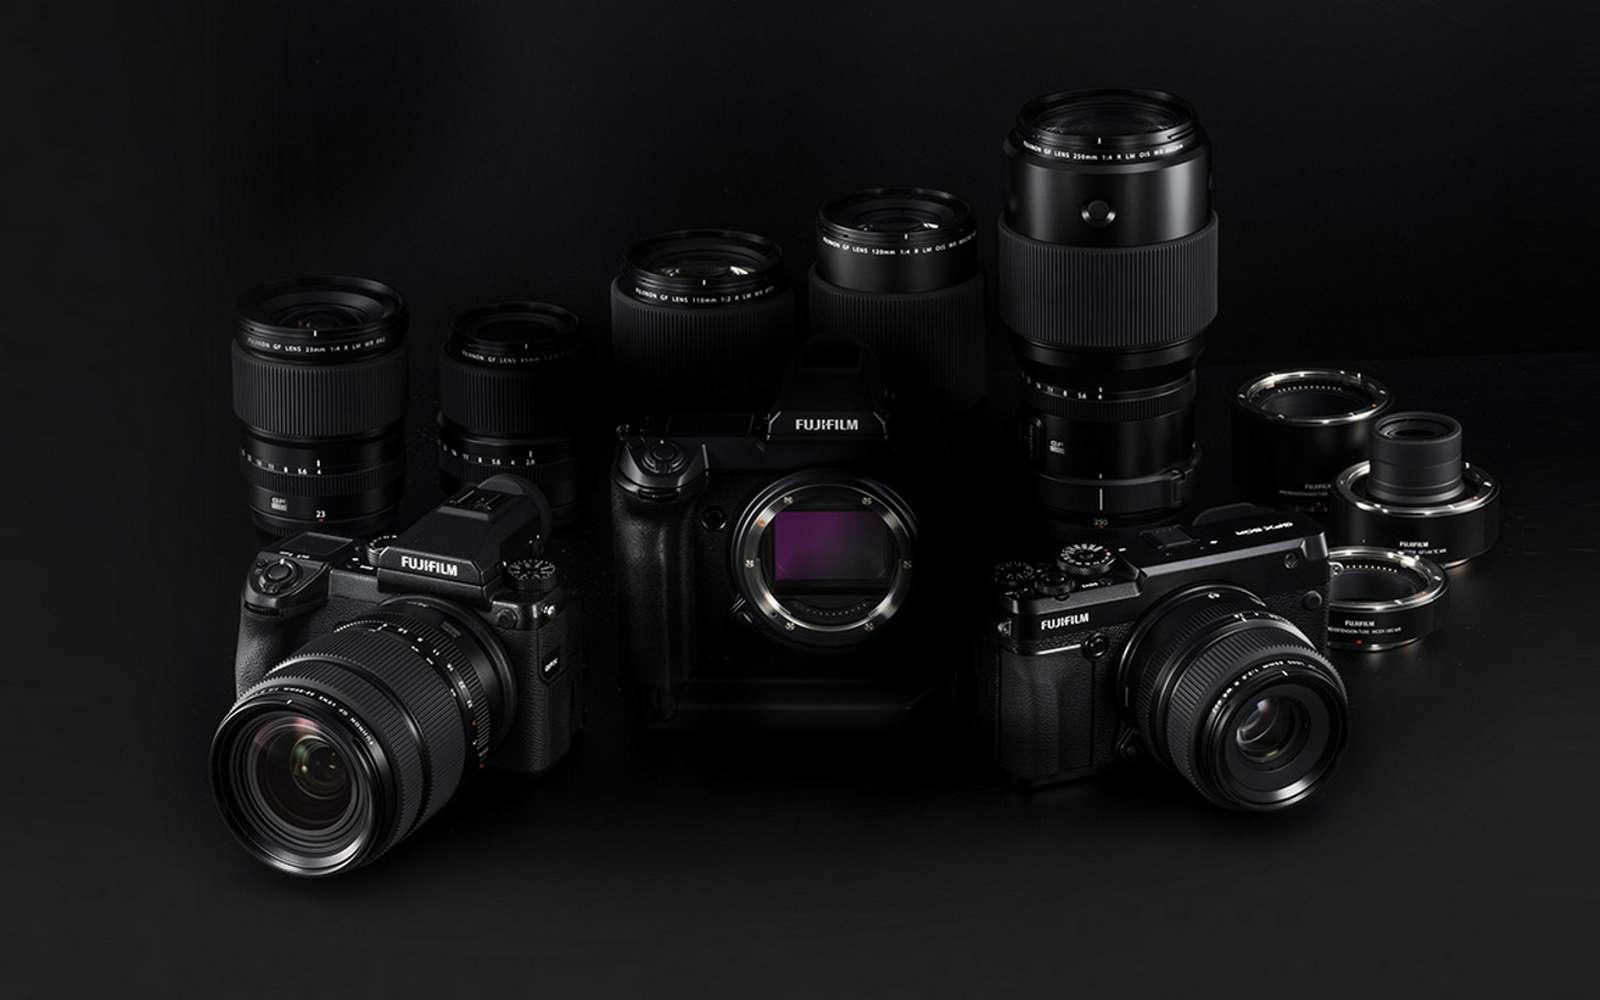 Fujifilm X Webcam permet d'utiliser certains de ses appareils photo pour la vidéoconférence © Fujifilm